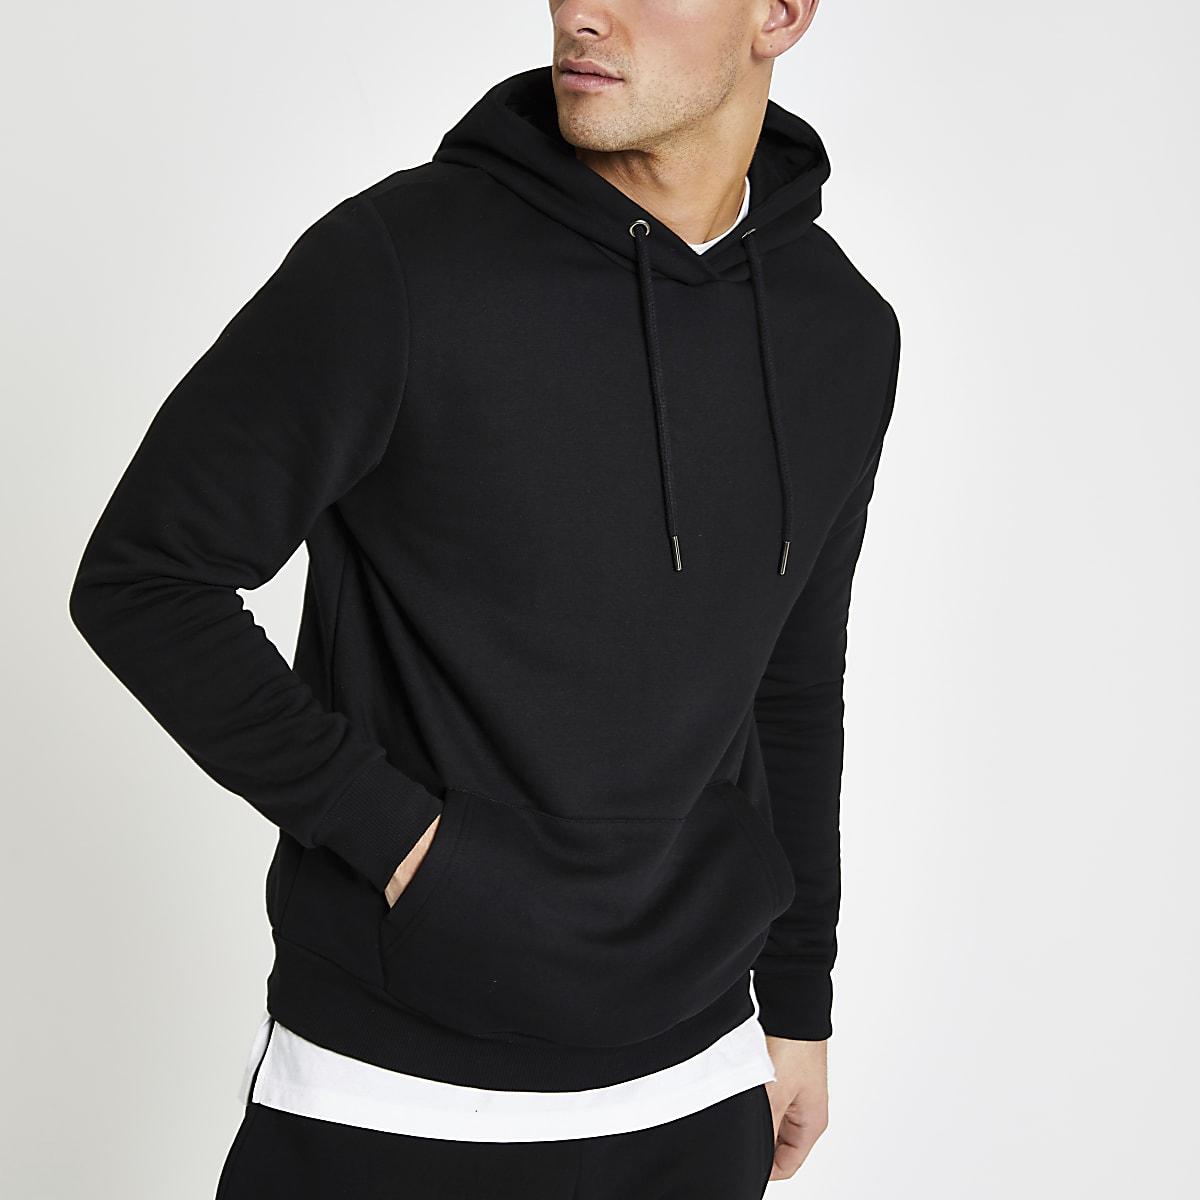 8f3984d846 Black slim fit long sleeve hoodie - Hoodies - Hoodies & Sweatshirts - men